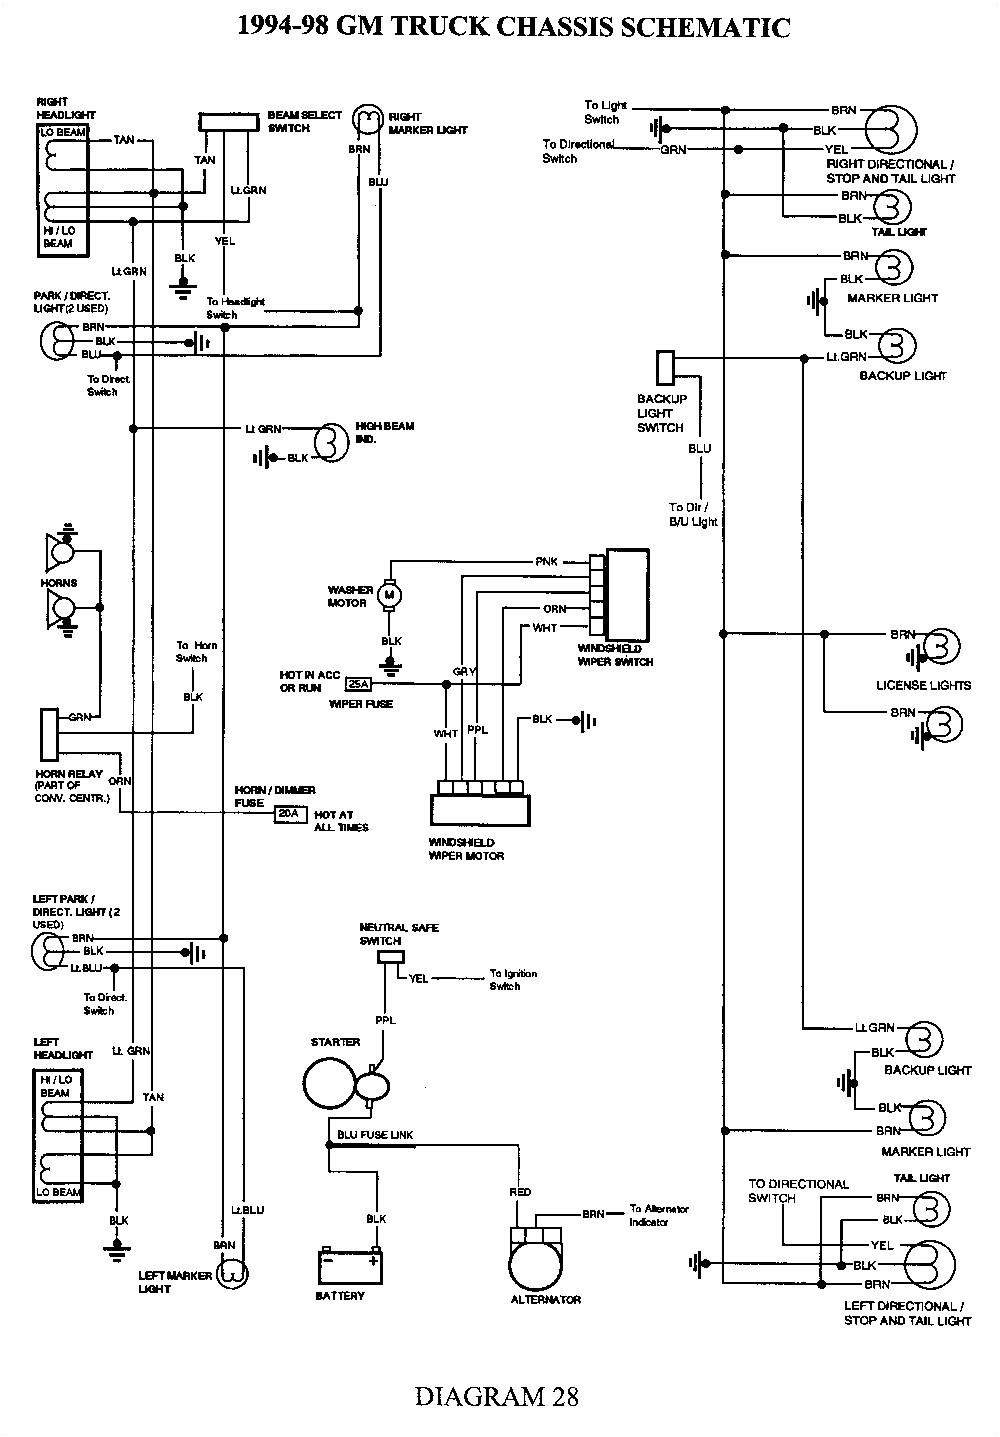 wiring diagram also 2001 chevy silverado fuel pump likewise 1998 2001 chevy silverado fuel system wiring diagram